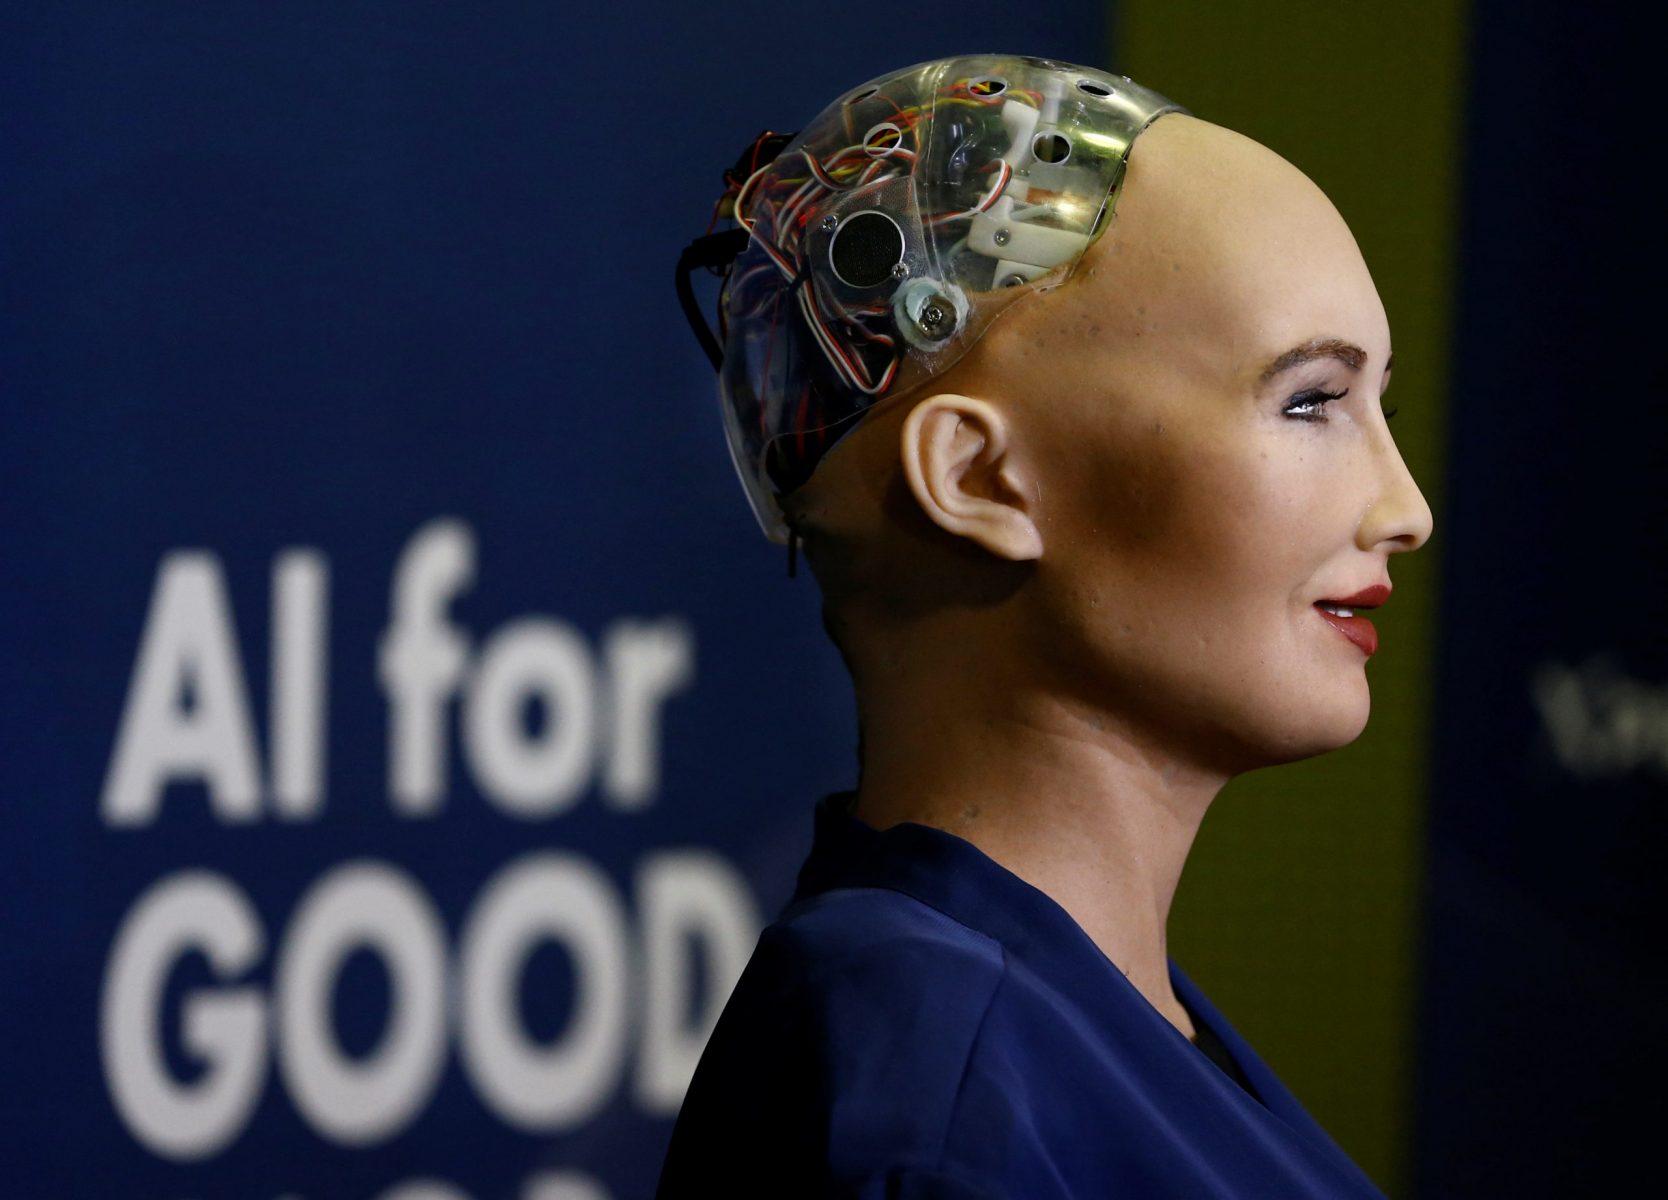 Ρομπότ  Sophia: Η συμβολή της ρομποτικής βιομηχανίας στην πανδημία [pic, vid]